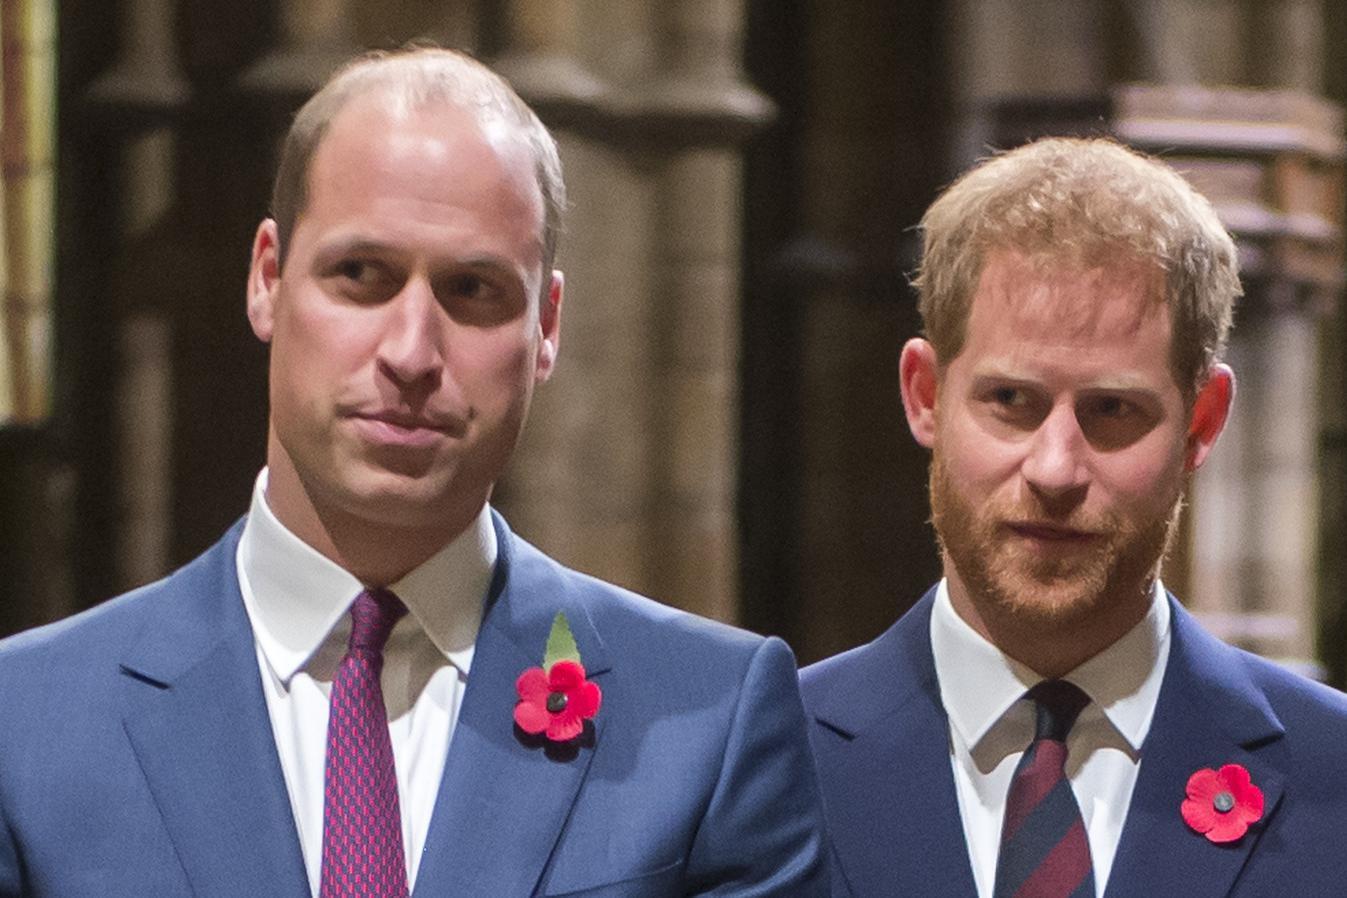 各自继承父母衣钵,威廉与哈里为人处世大不同,王室作家有话说